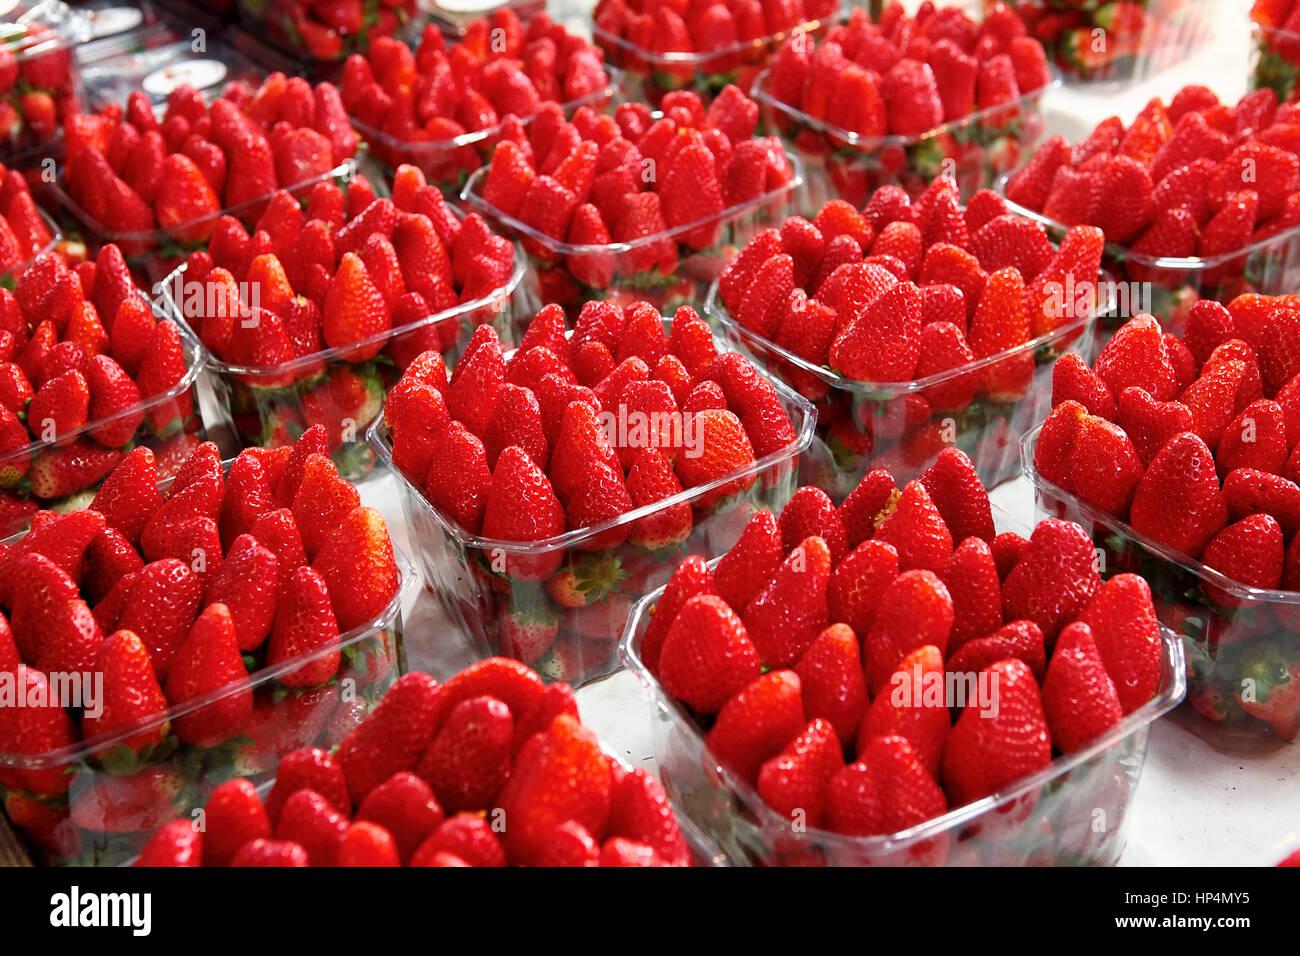 dealer sells fresh israeli strawberries infront of his shop at carmel market, tel aviv, israel Stock Photo